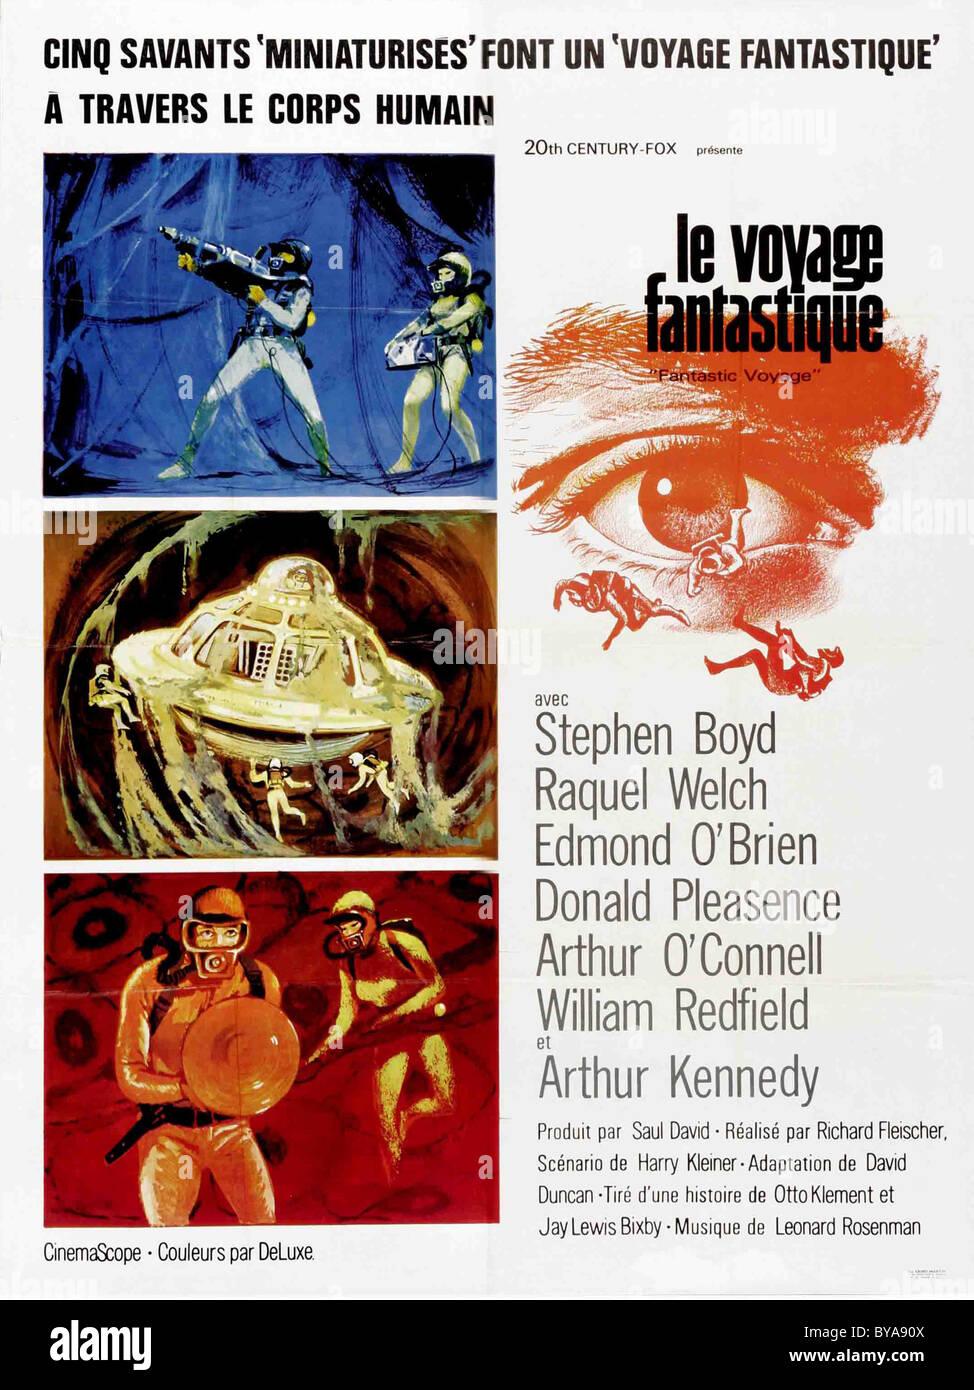 Voyage Fantastique Année: 1966 USA Réalisateur: Richard Fleischer affiche de film (fr) Photo Stock